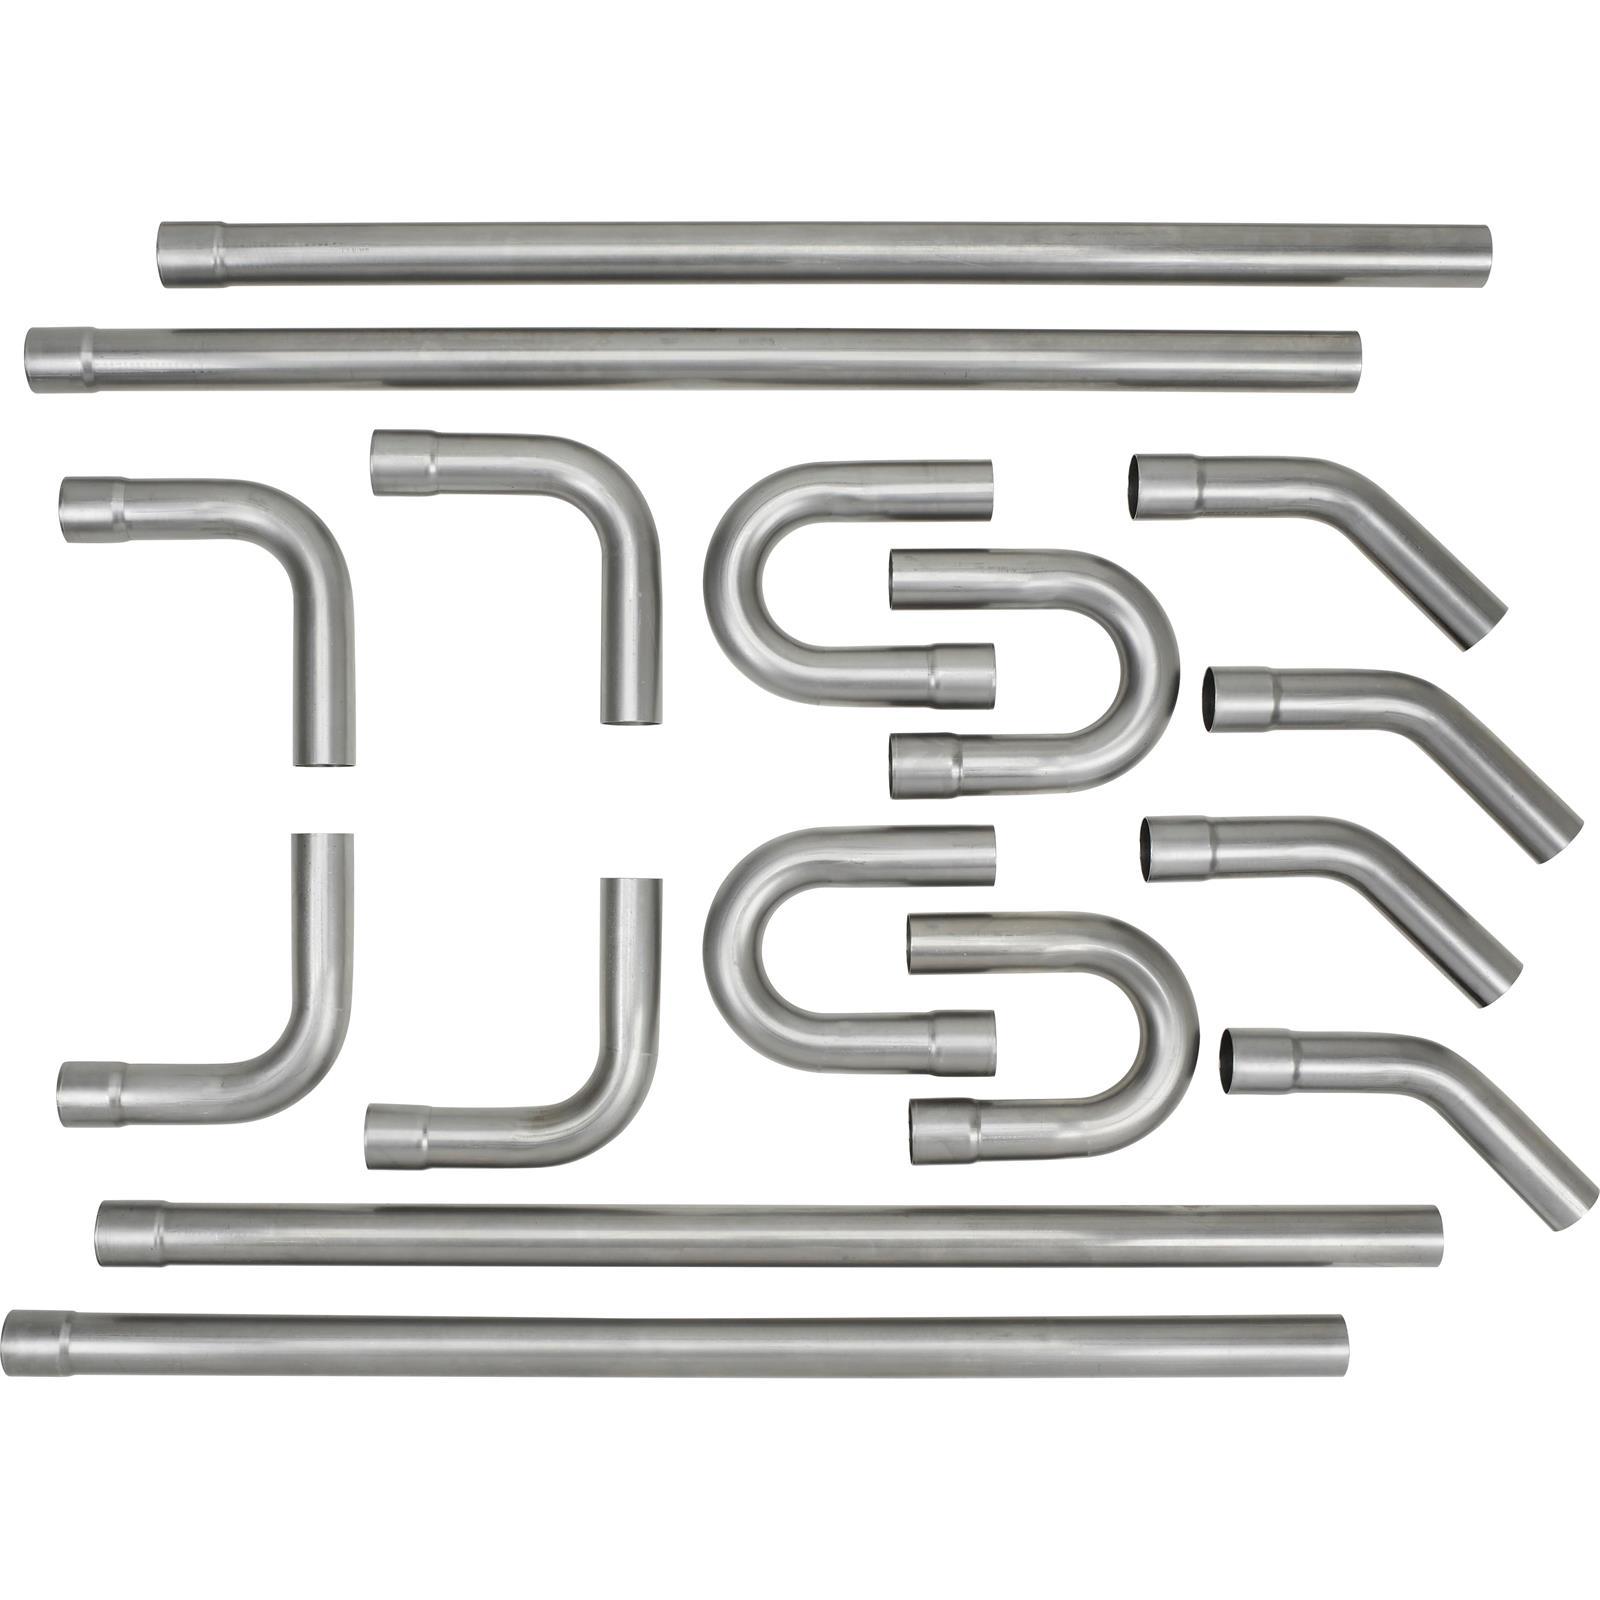 universal mild steel dual exhaust mandrel bend kit 2 1 2 inch